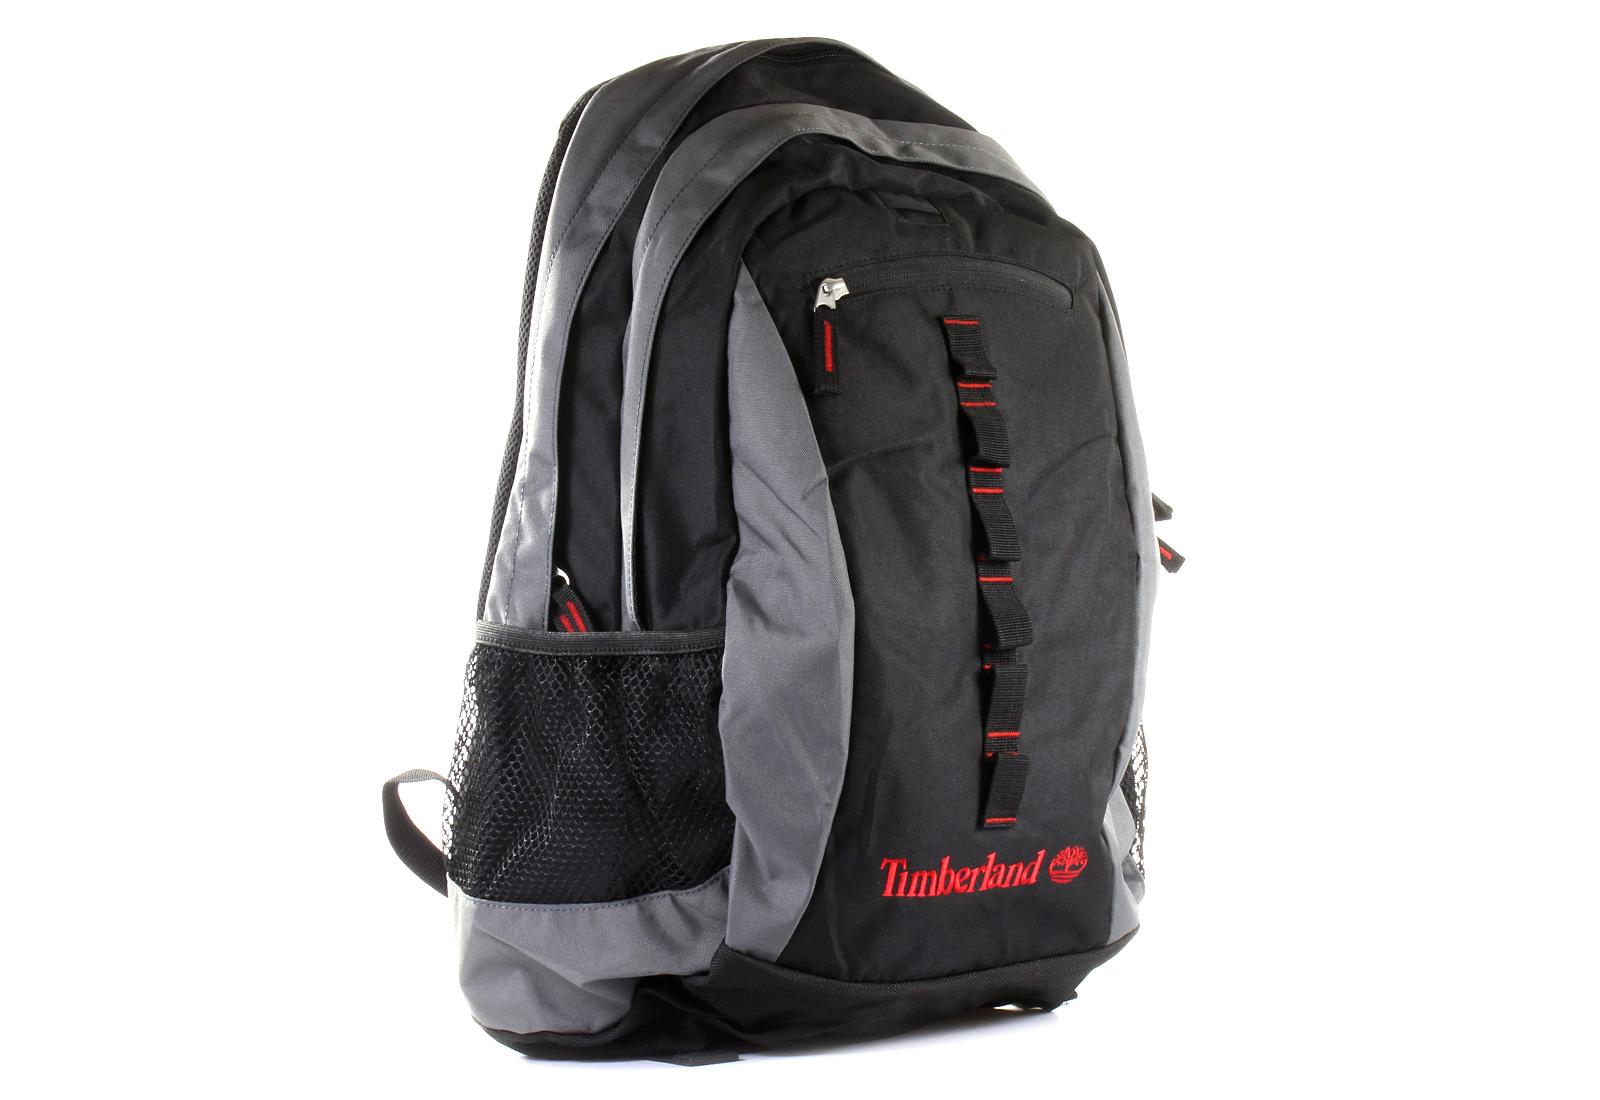 Timberland 30l Backpack J0690 001 Online Shop For